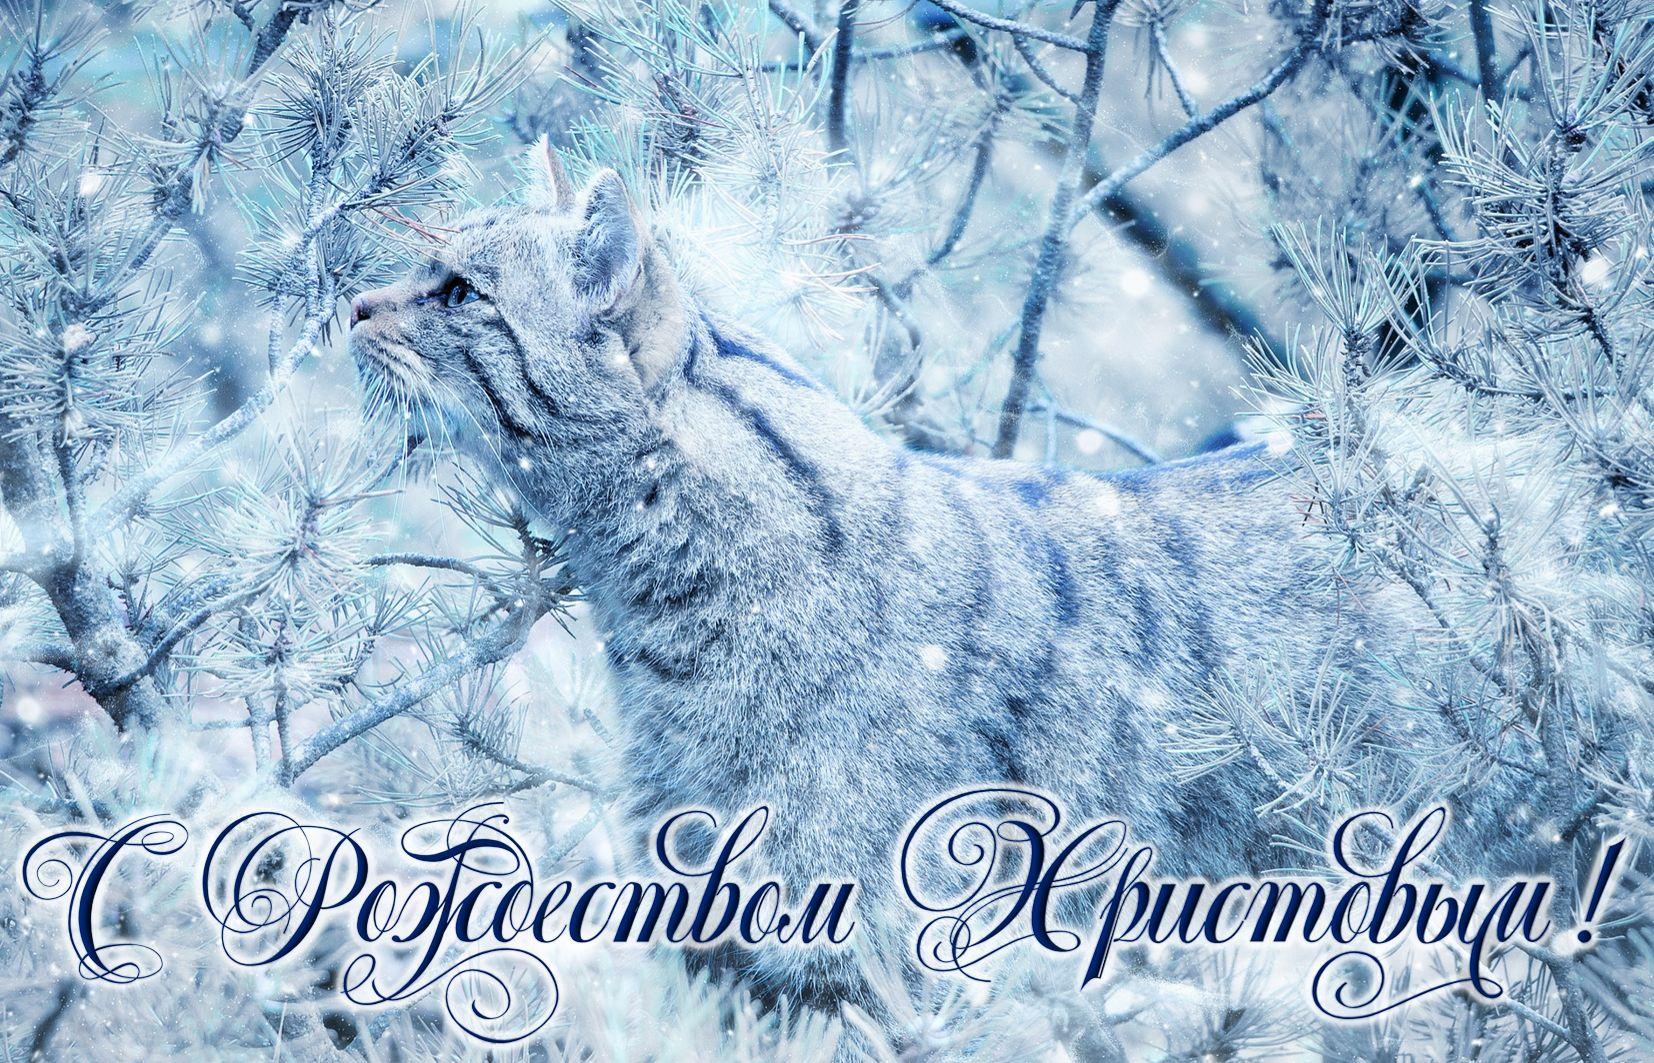 Открытка с Рождеством Христовым - красивый котик в зимнем лесу